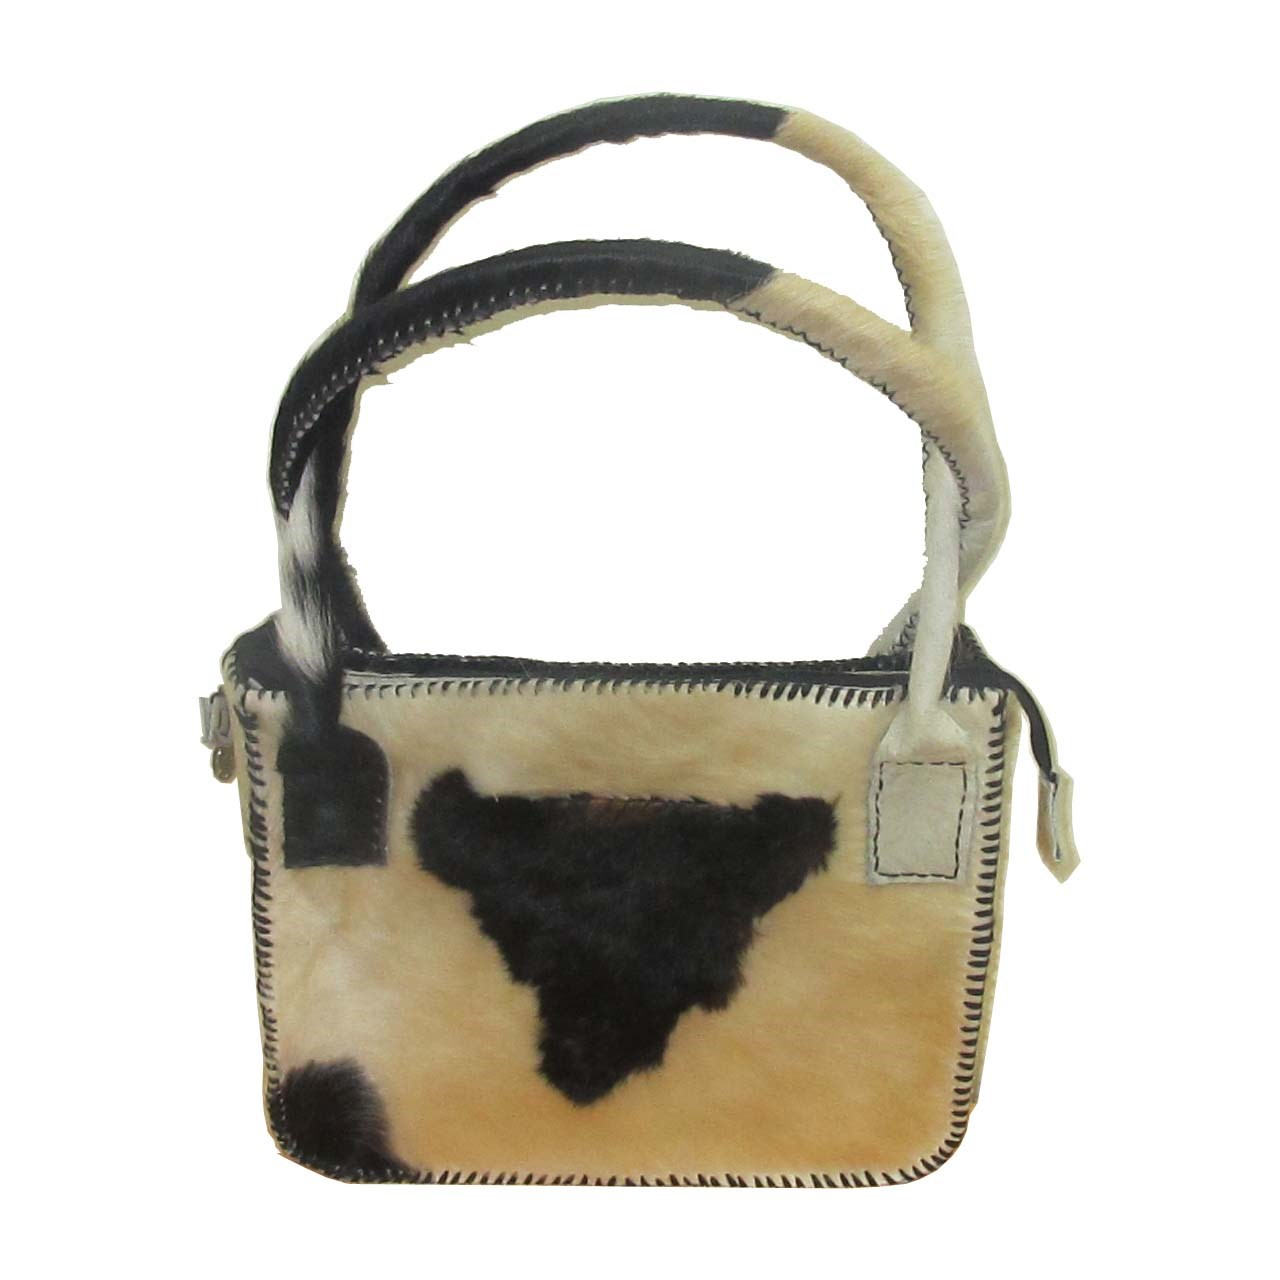 کیف زنانه چرم طبیعی مدل پشمی